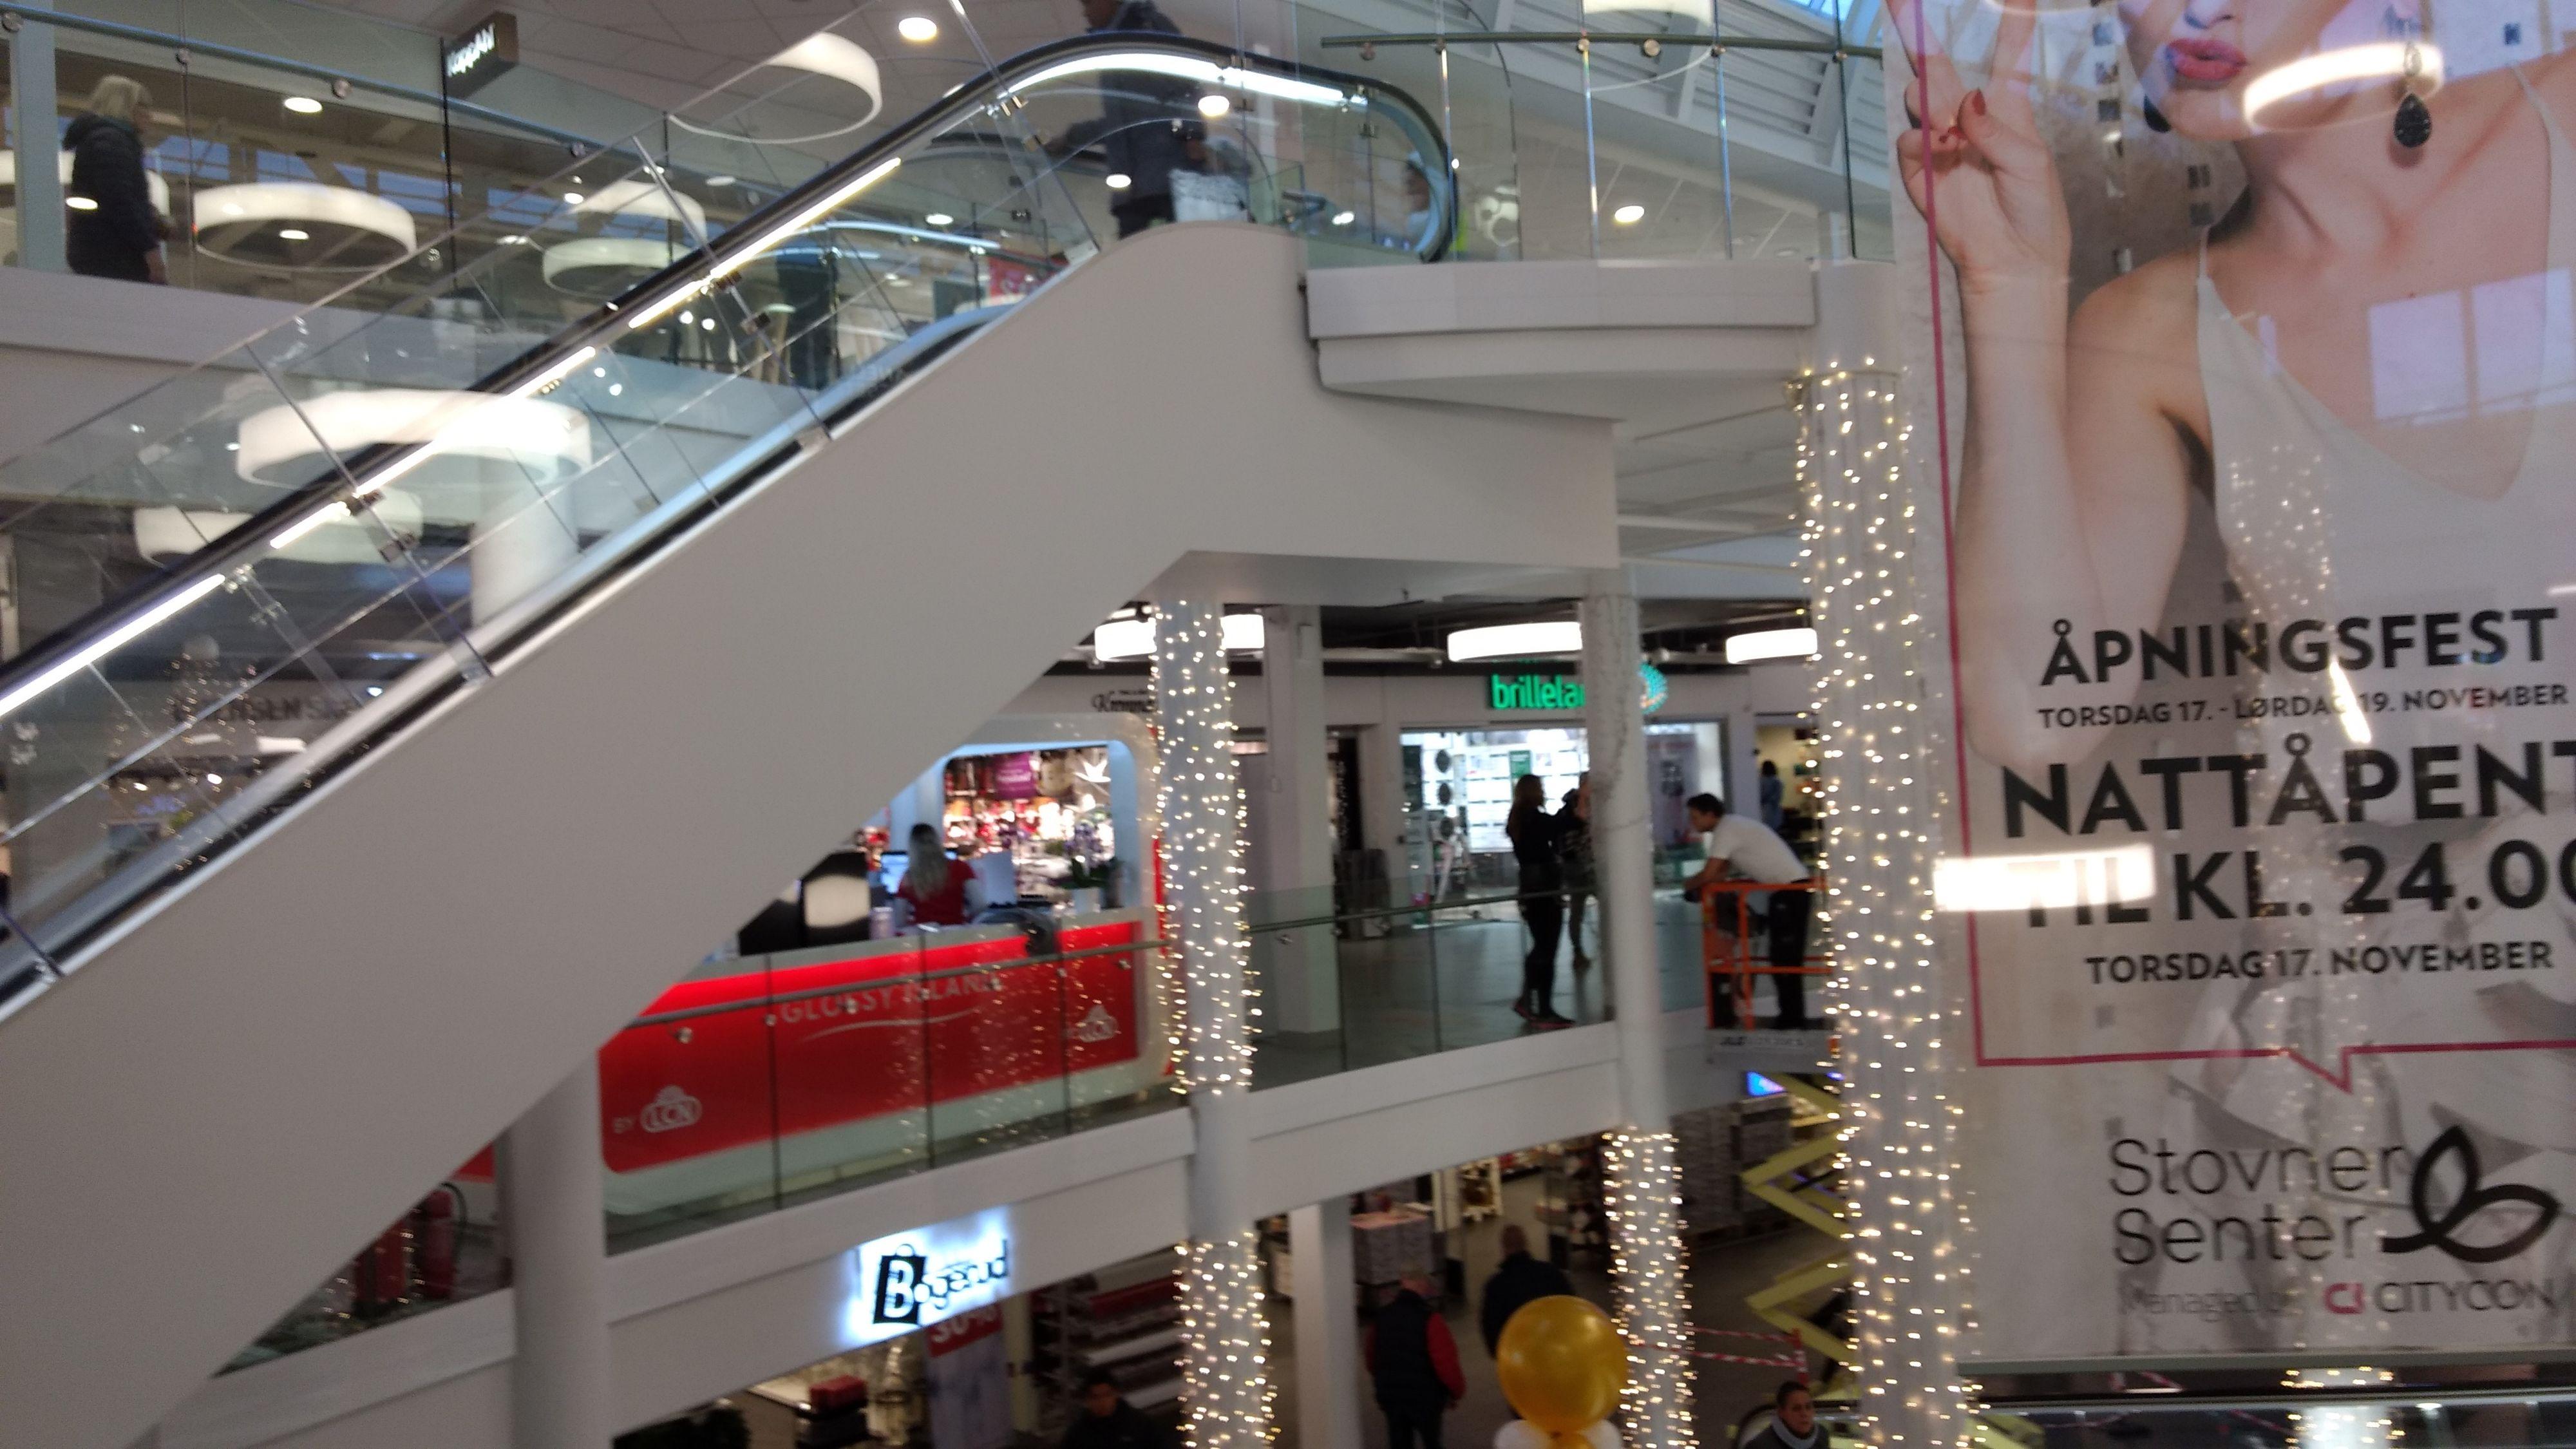 Moto Z Play innendørs, kjøpesenter